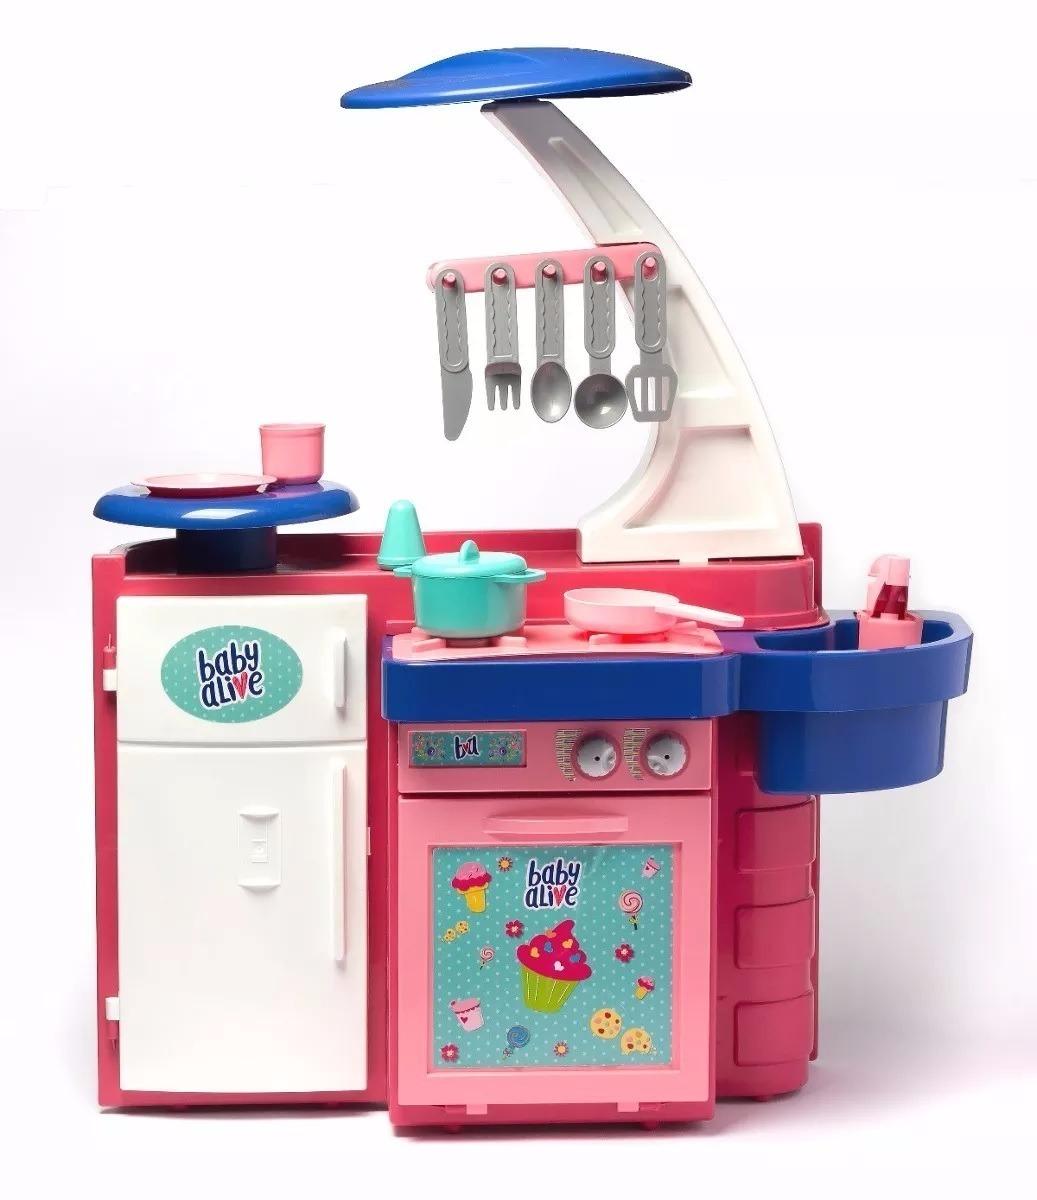 Cozinha Infantil Completa Pia Fog O Geladeira Baby Alive R 179 00